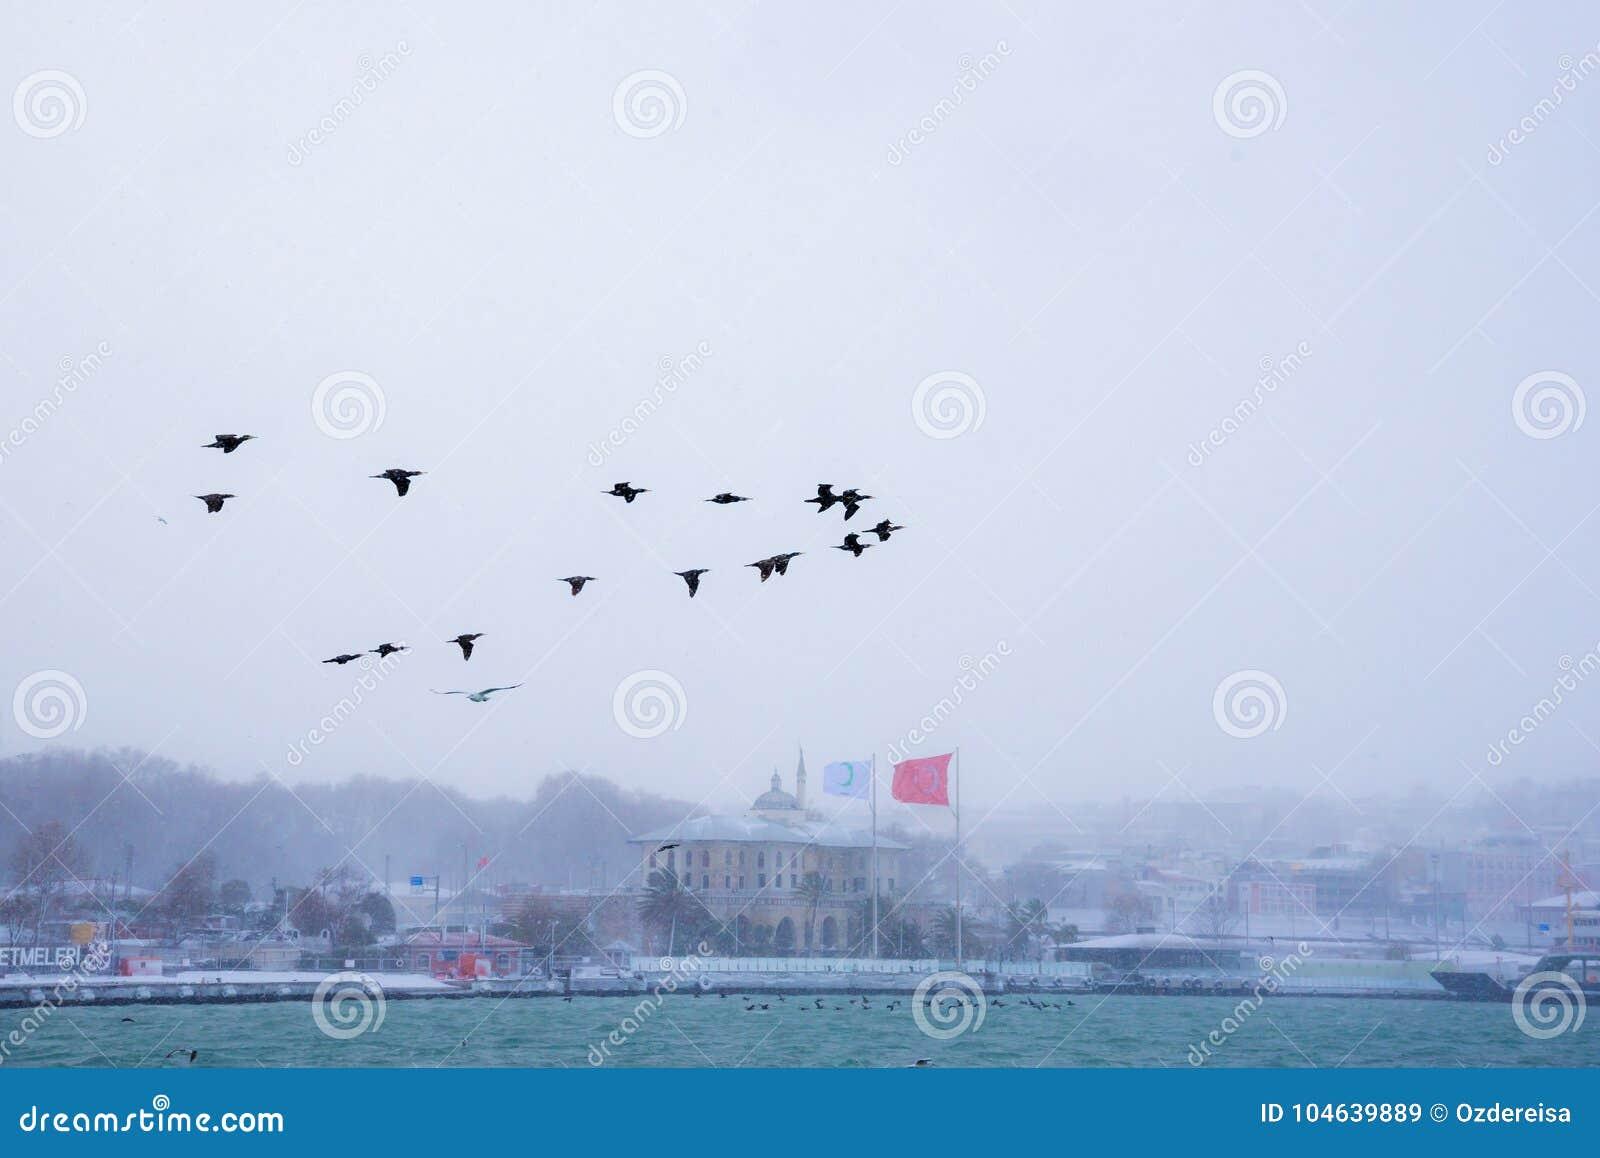 Download De Wintermening Van Bosphorus In Istanboel, Turkije Redactionele Stock Afbeelding - Afbeelding bestaande uit cityscape, azië: 104639889